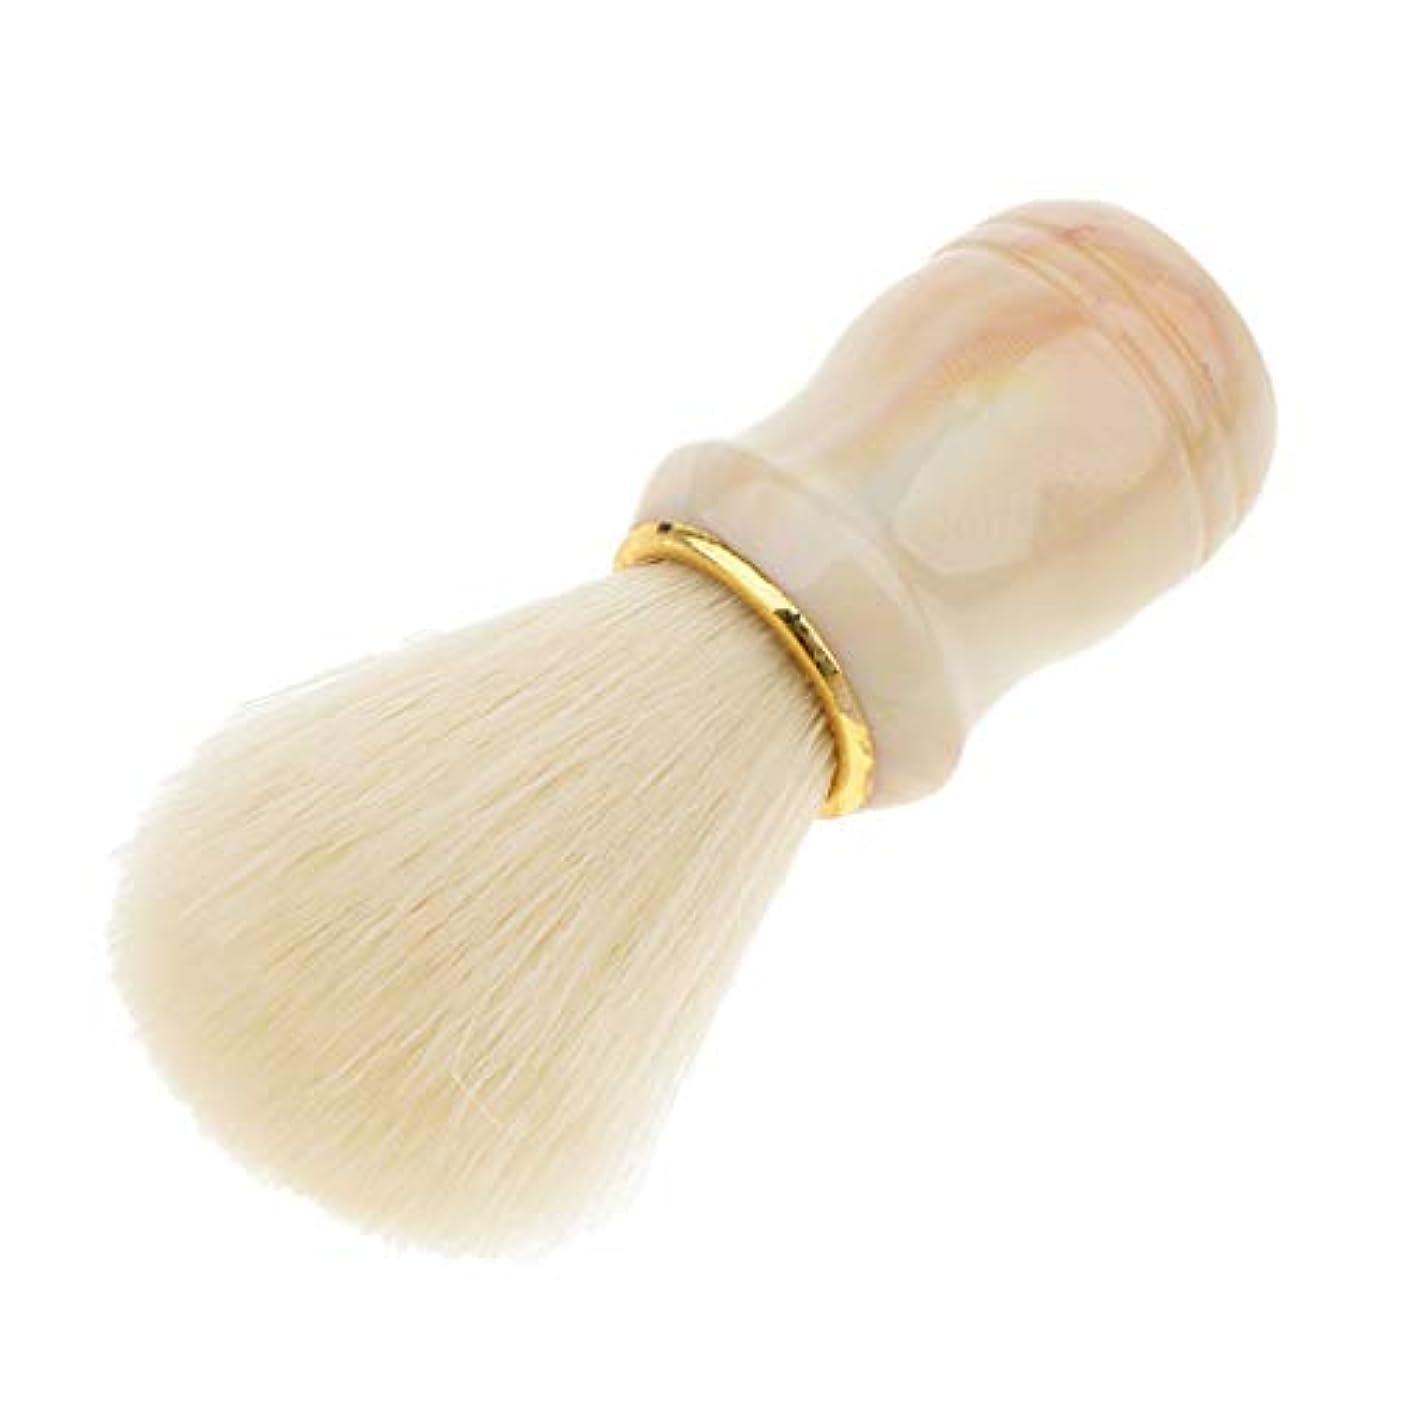 ガイドライン入射とまり木メンズひげ髭口髭シェービングブラシ毛の脱毛ネックダスターブラシ